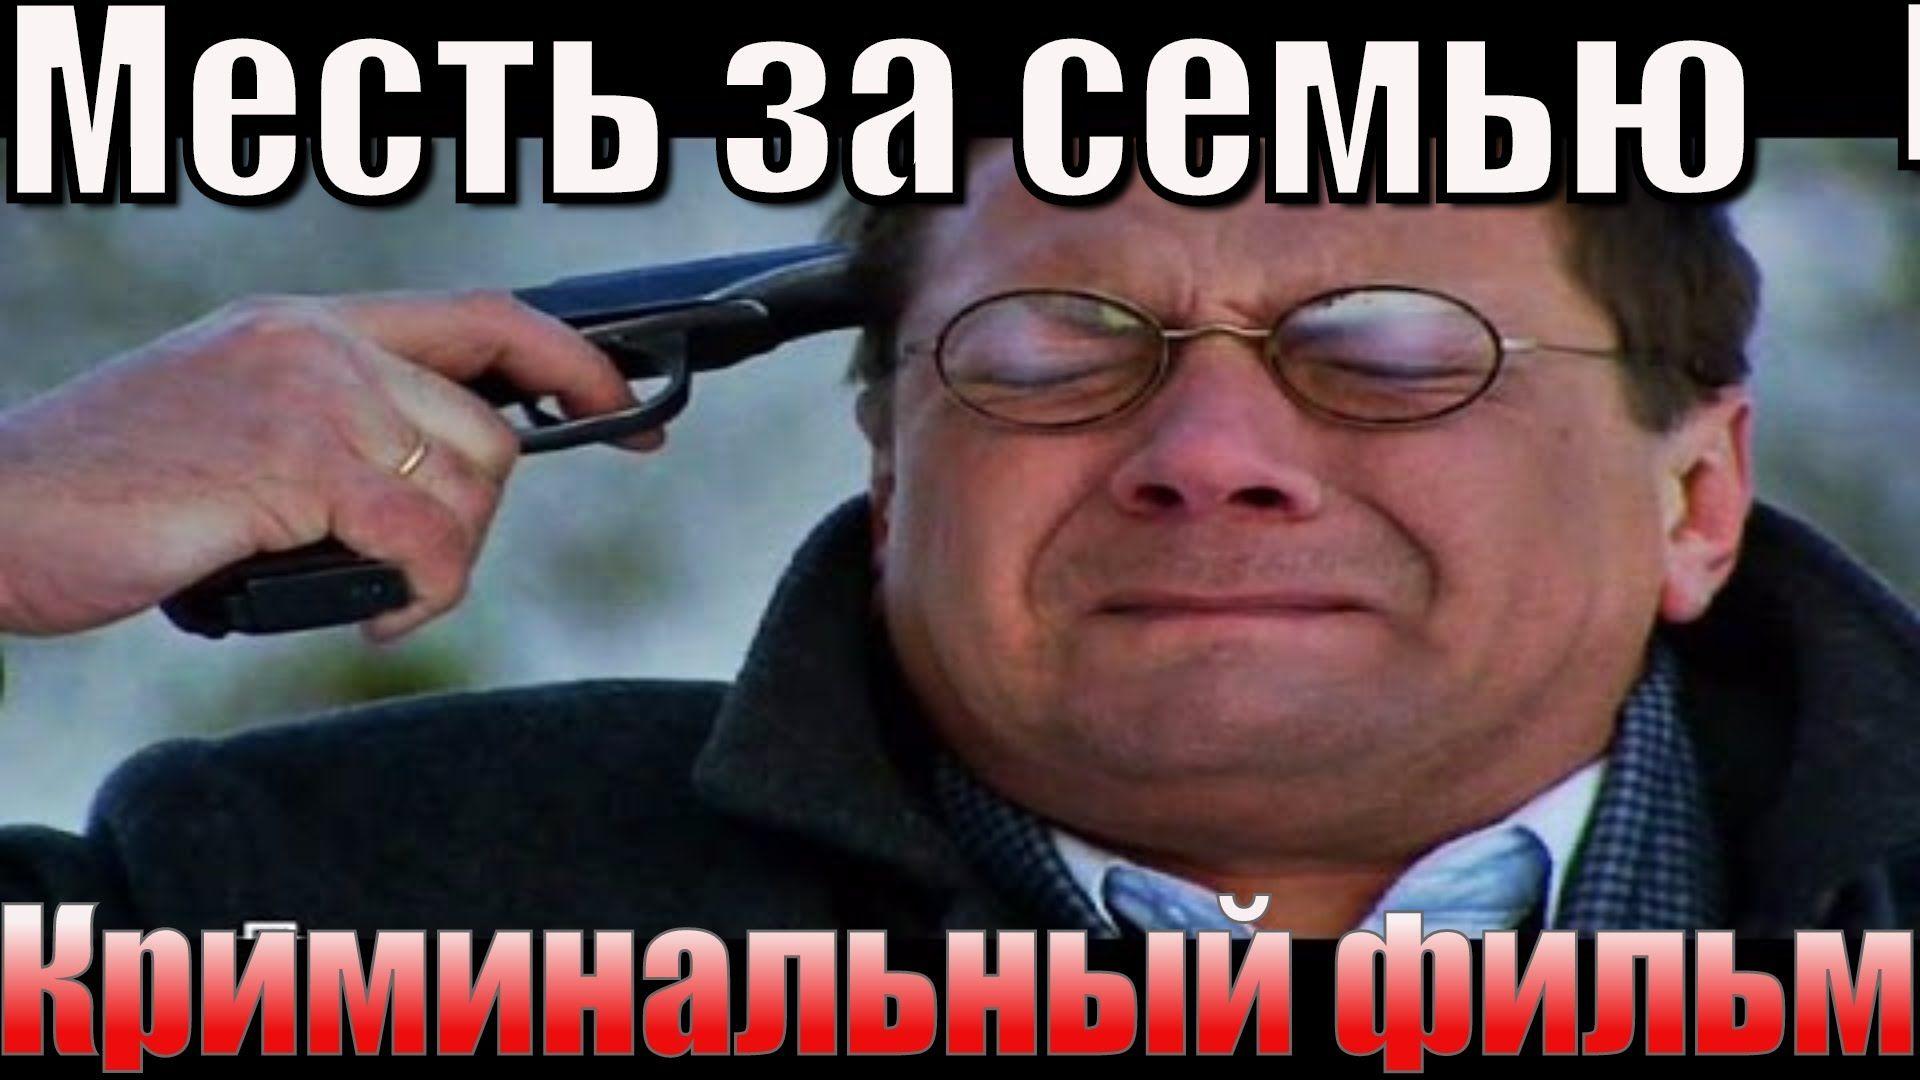 Кадры из фильма смотреть фильмы онлайн остросюжетные русские боевики